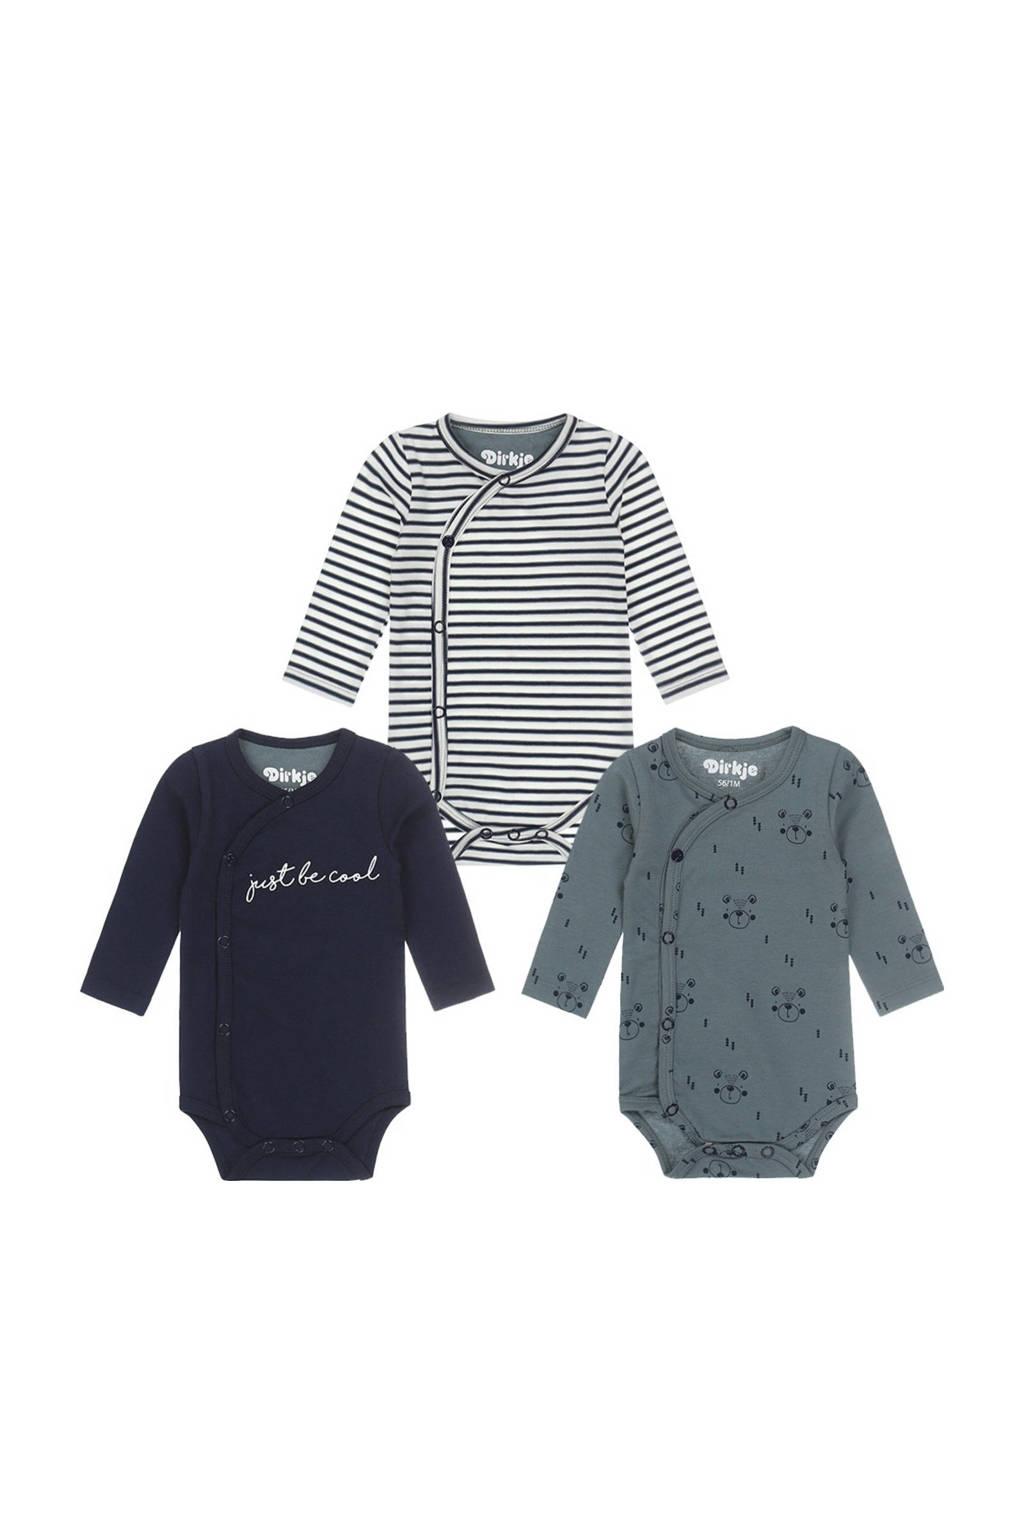 Dirkje newborn baby romper - set van 3 van biologisch katoen donkerblauw/grijsgroen/wit, Donkerblauw/grijsgroen/wit